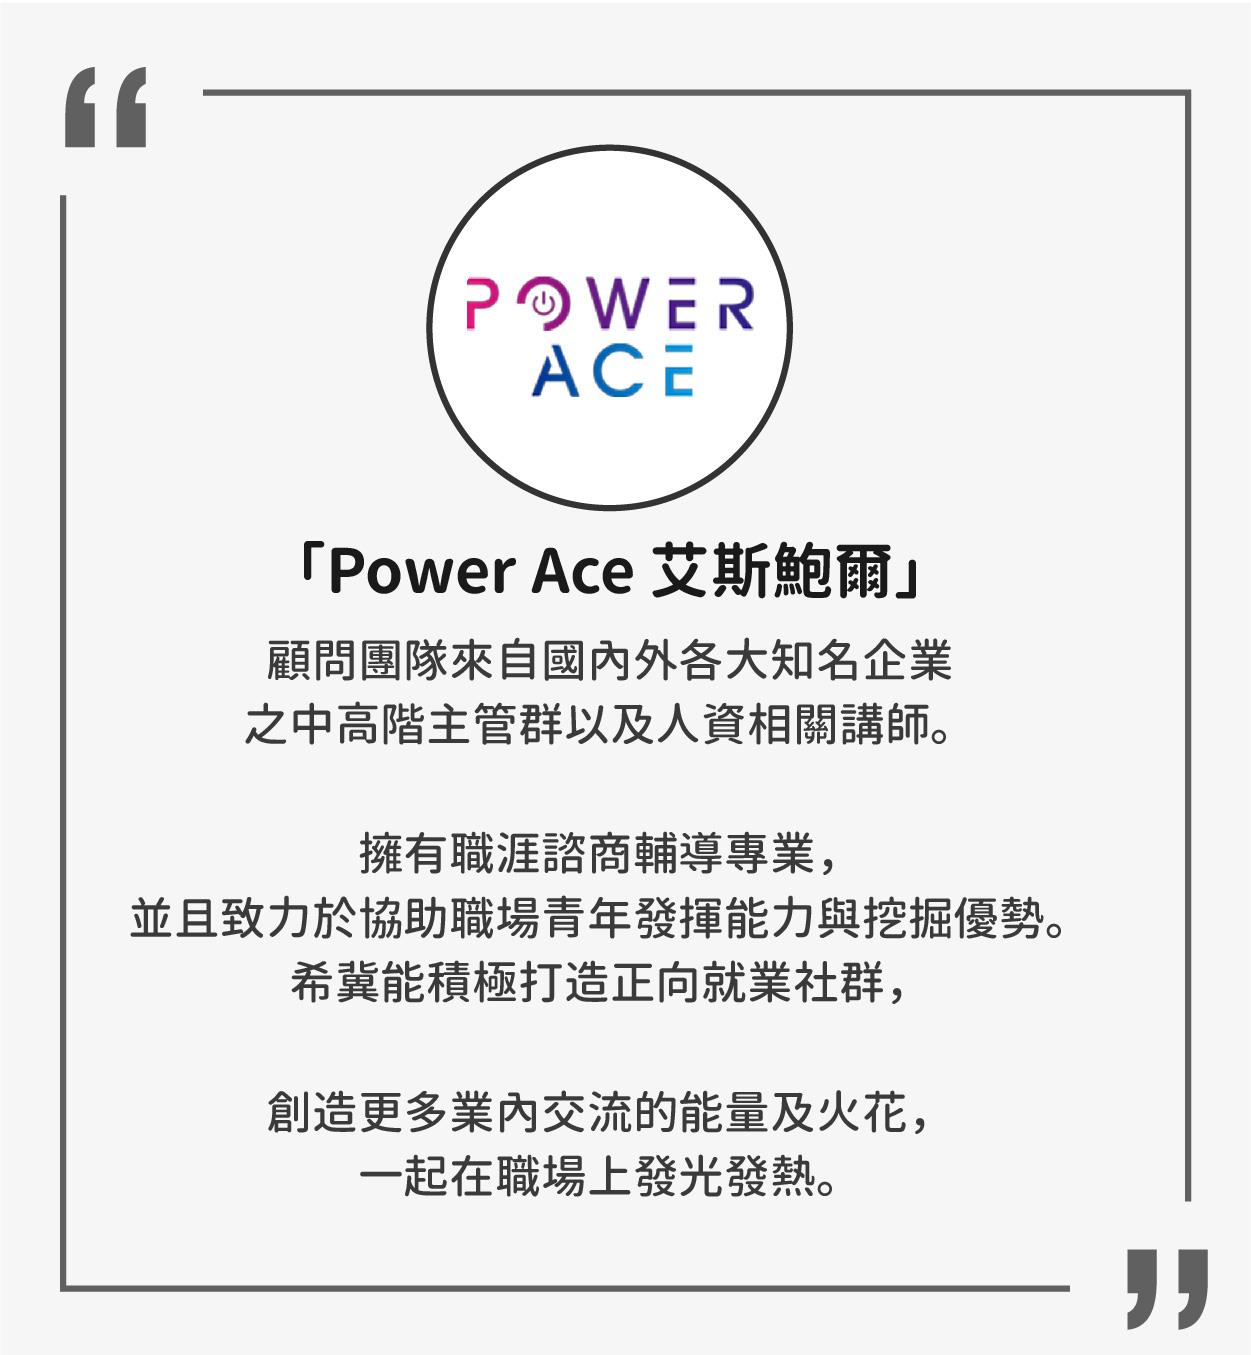 POWERACE 履歷